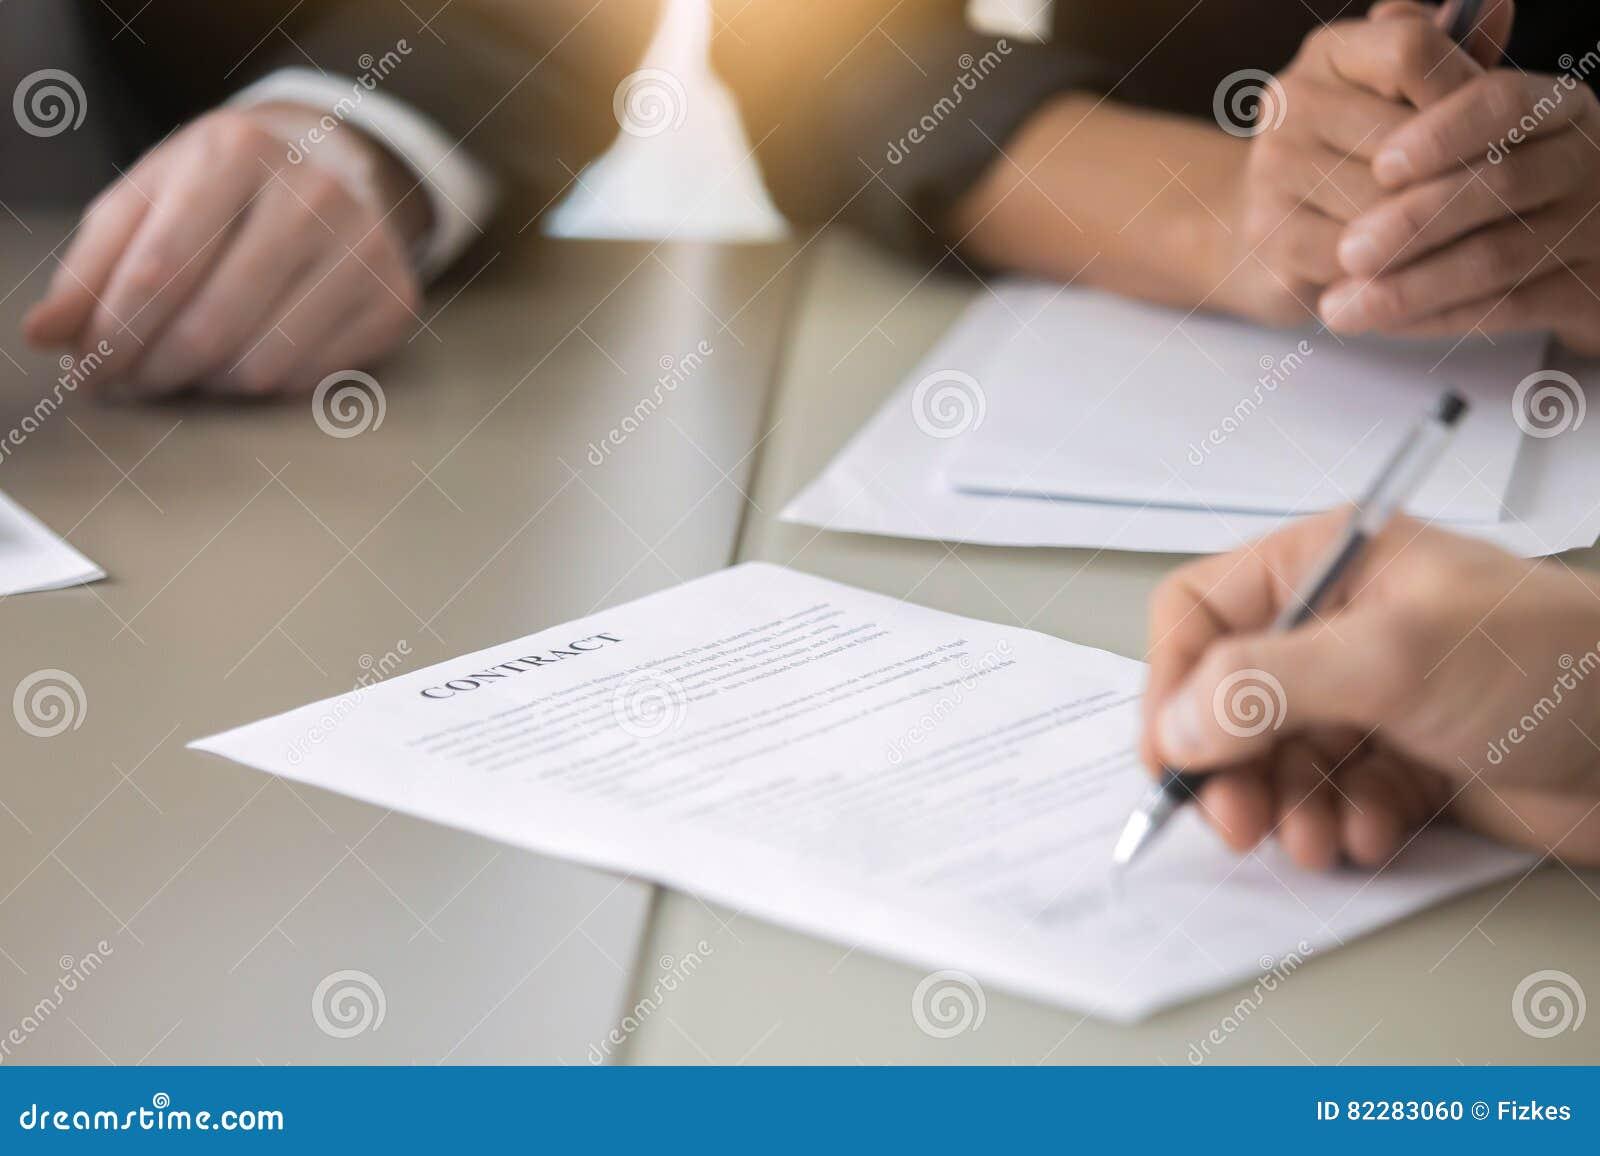 Chiuda su della mano maschio che mette la firma in un contratto